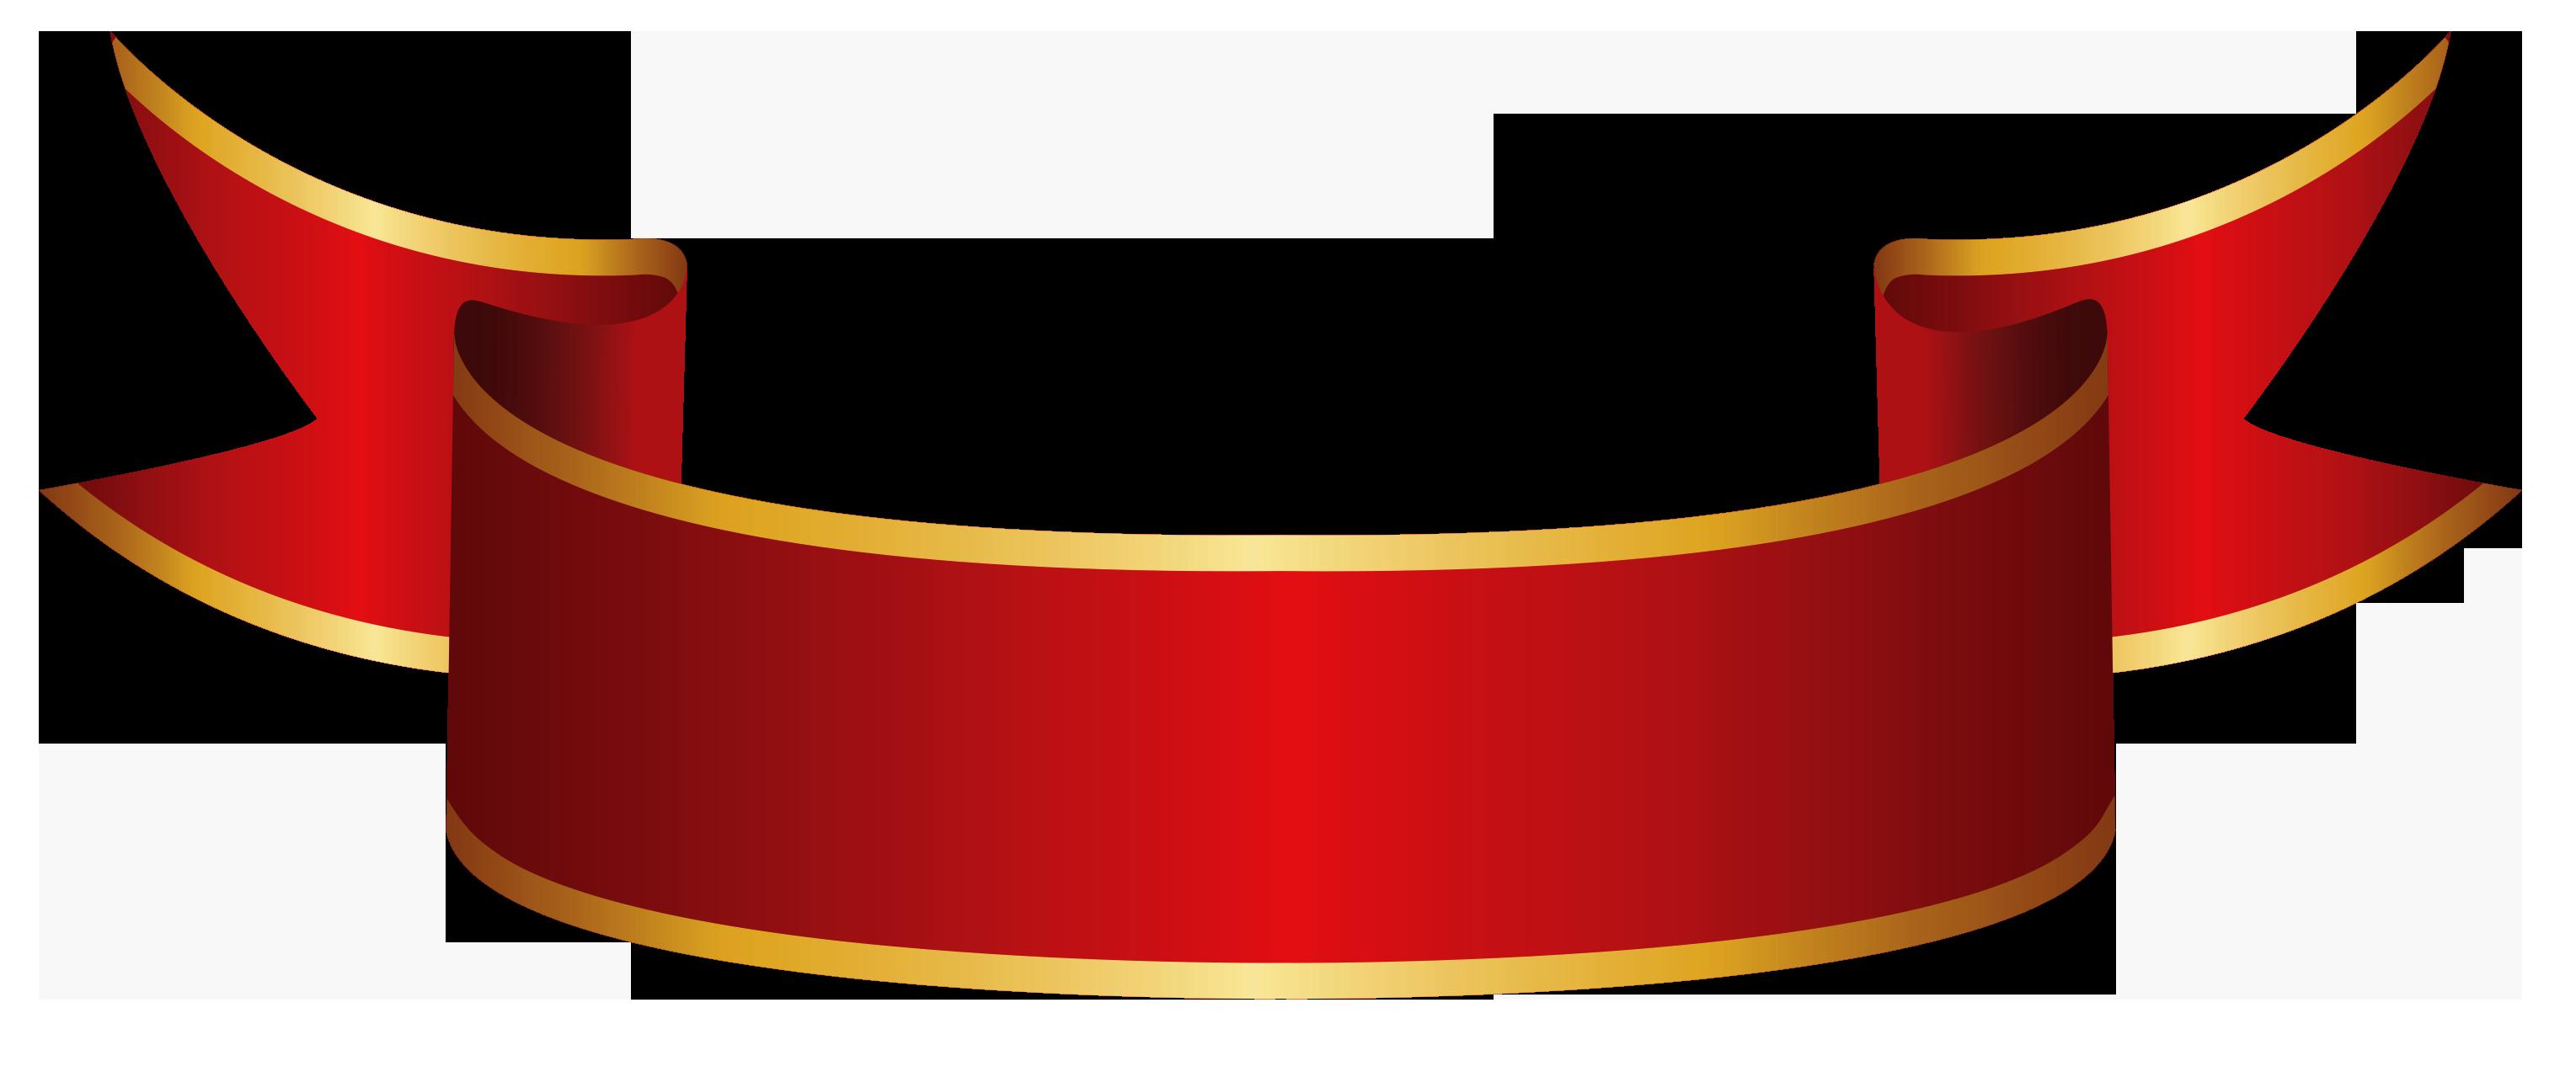 Banner Png Transparent